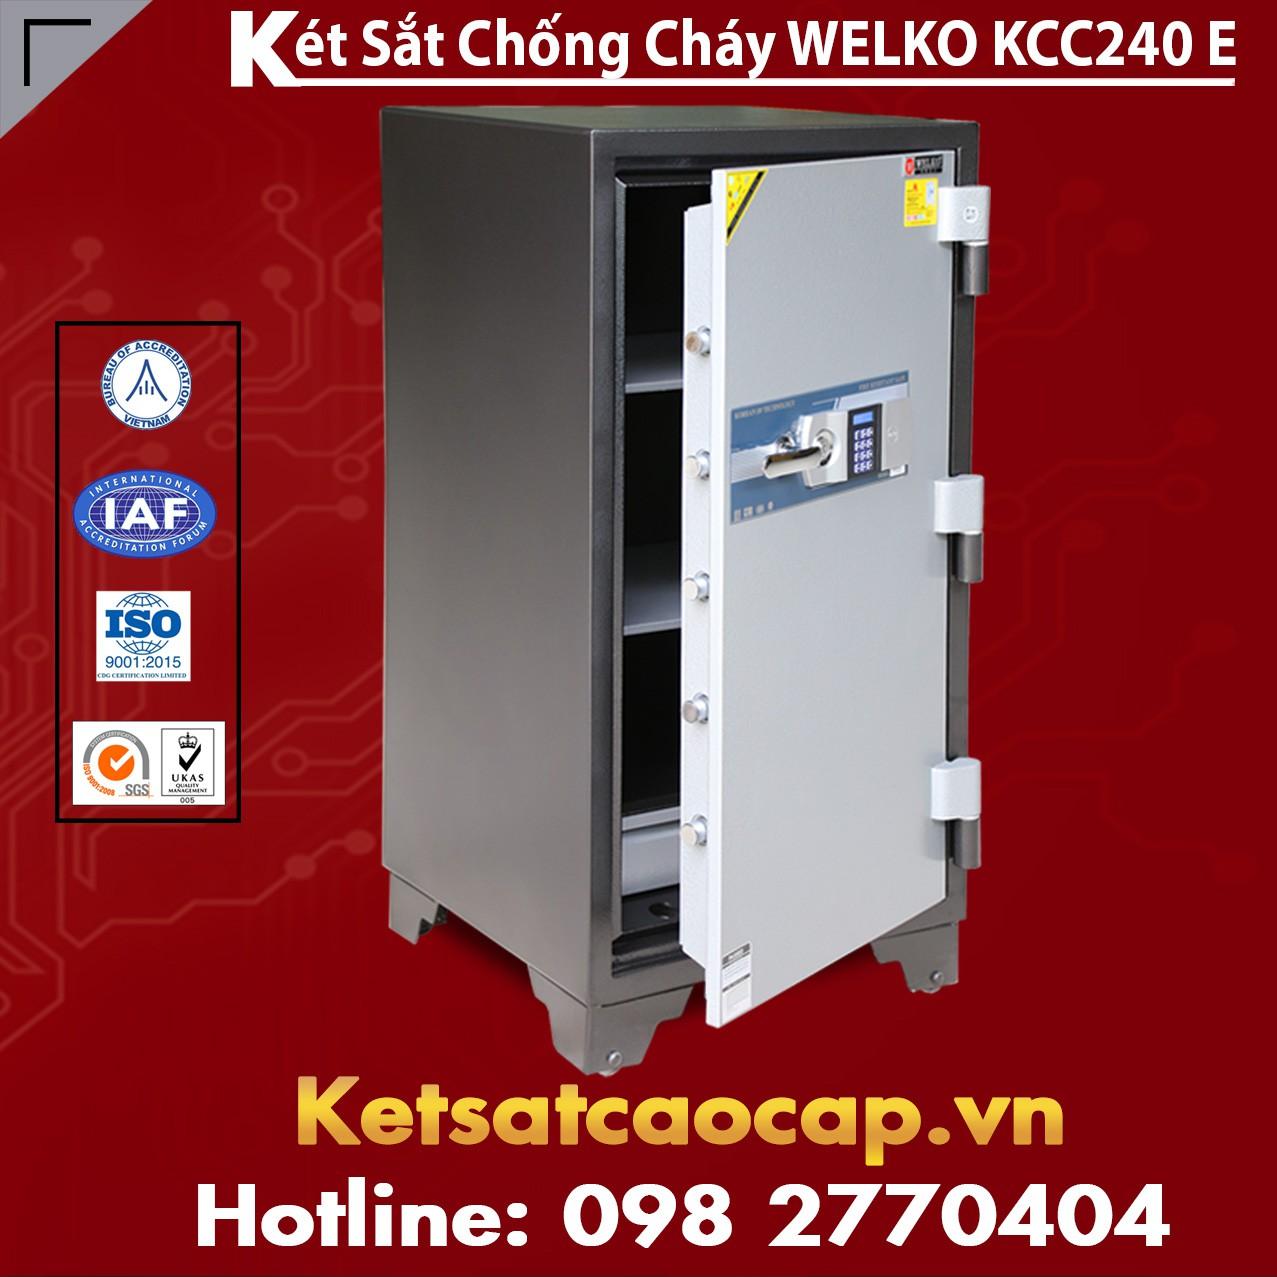 Két Sắt Bình Dương KCC240 E Silver